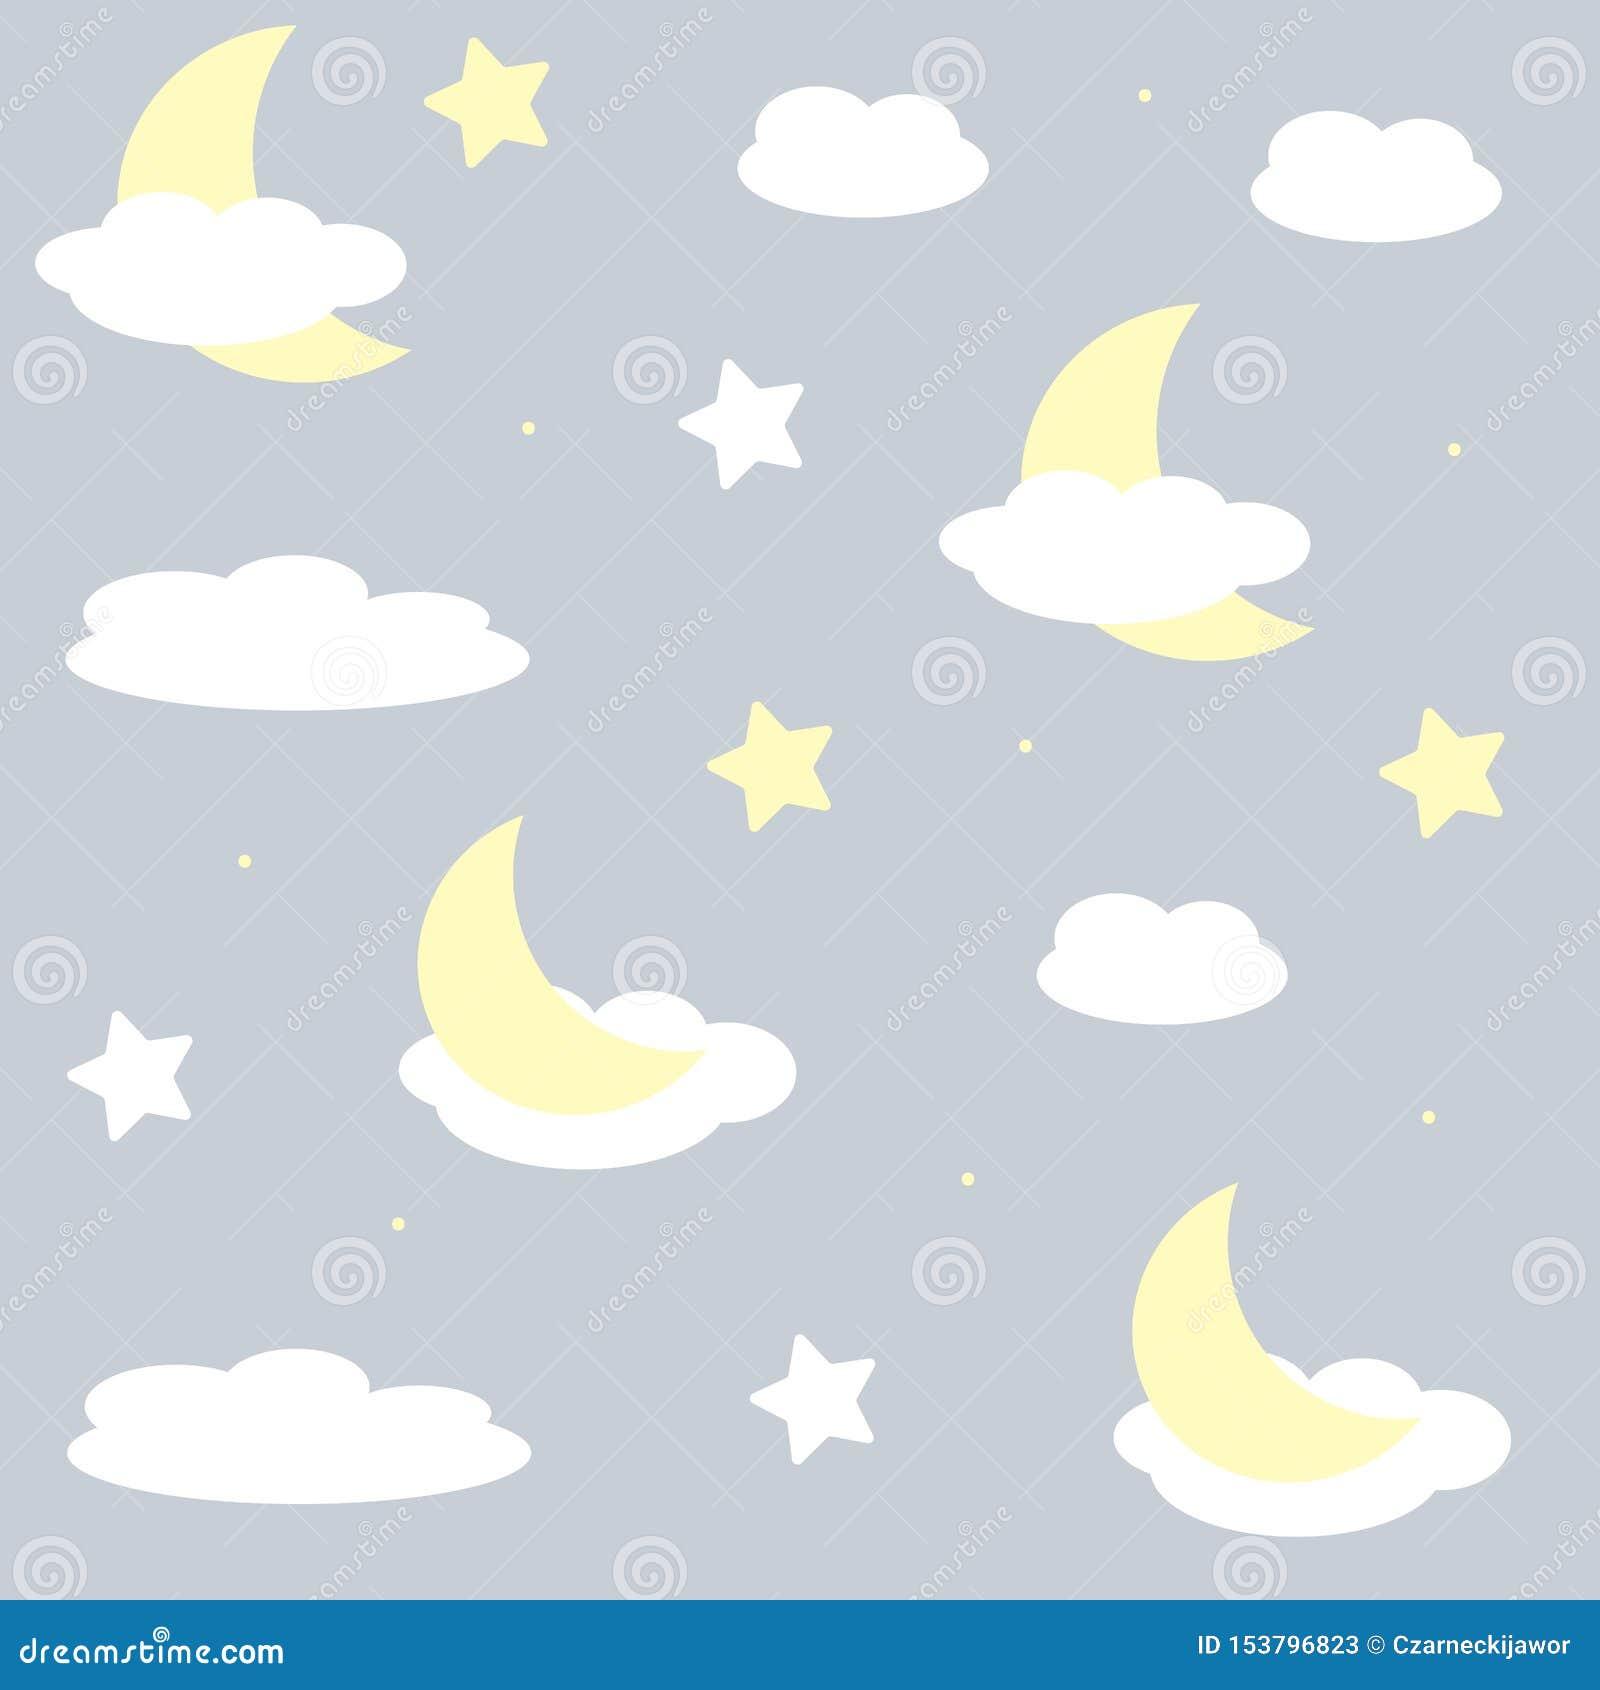 Trevlig seamlesmodell för barn Vektorillustration med stjärnor och moln